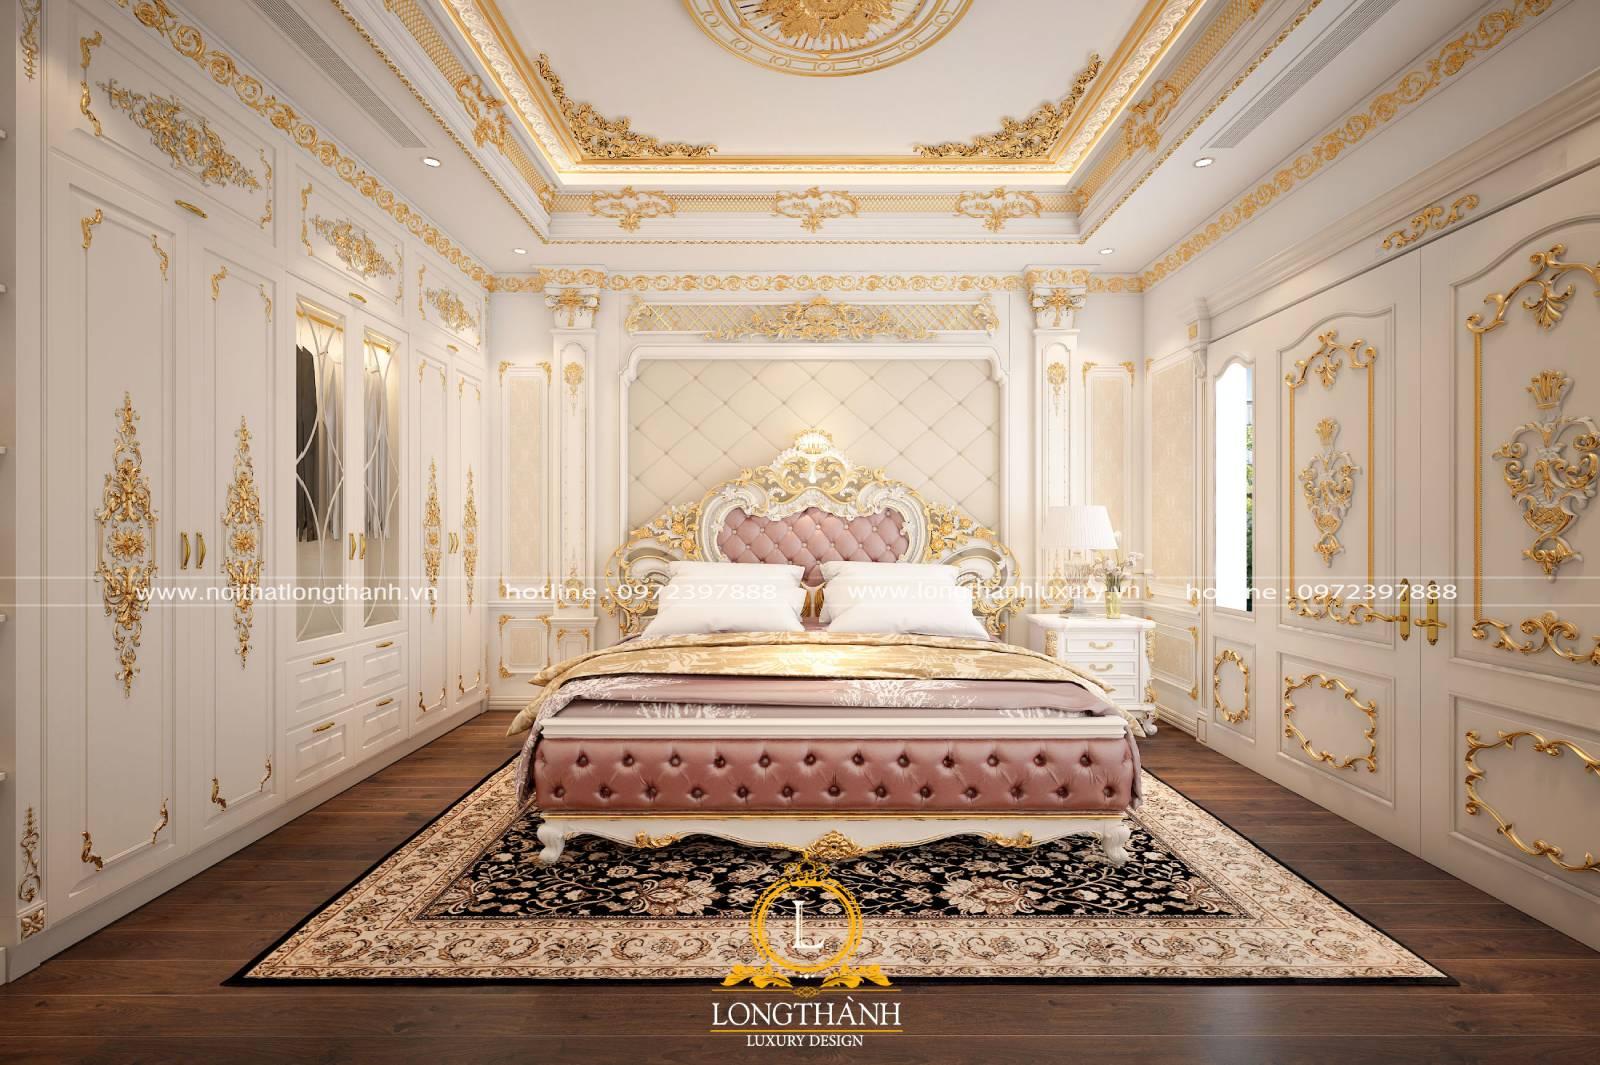 Mẫu thiết kế nội thất phòng ngủ tân cổ điển cho biệt thự